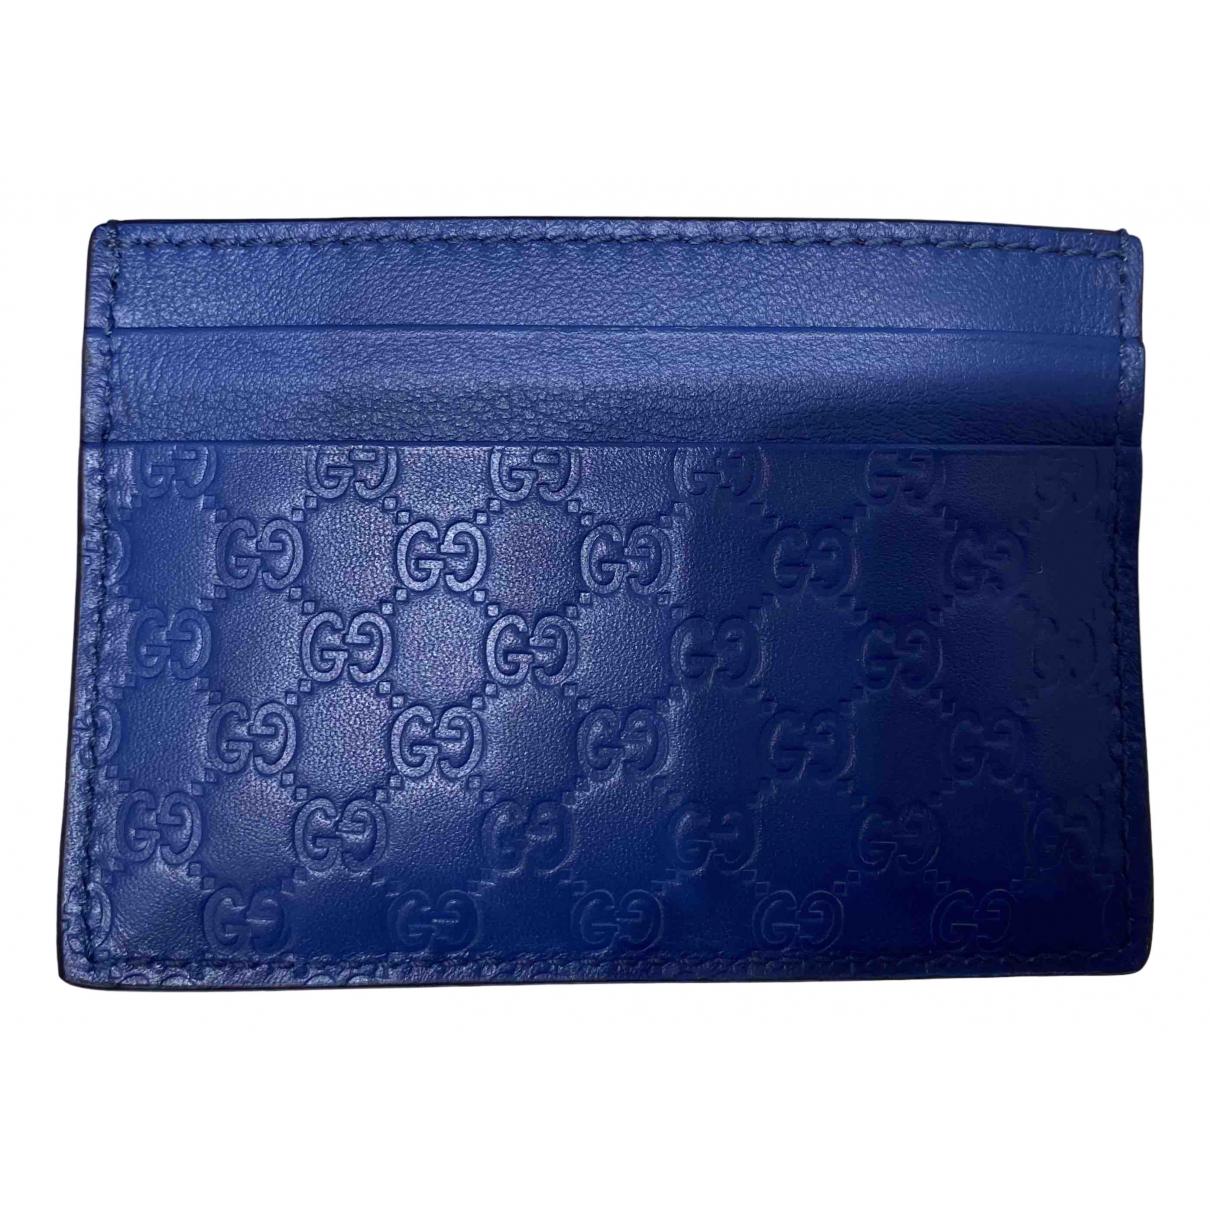 Gucci \N Kleinlederwaren in  Blau Leder